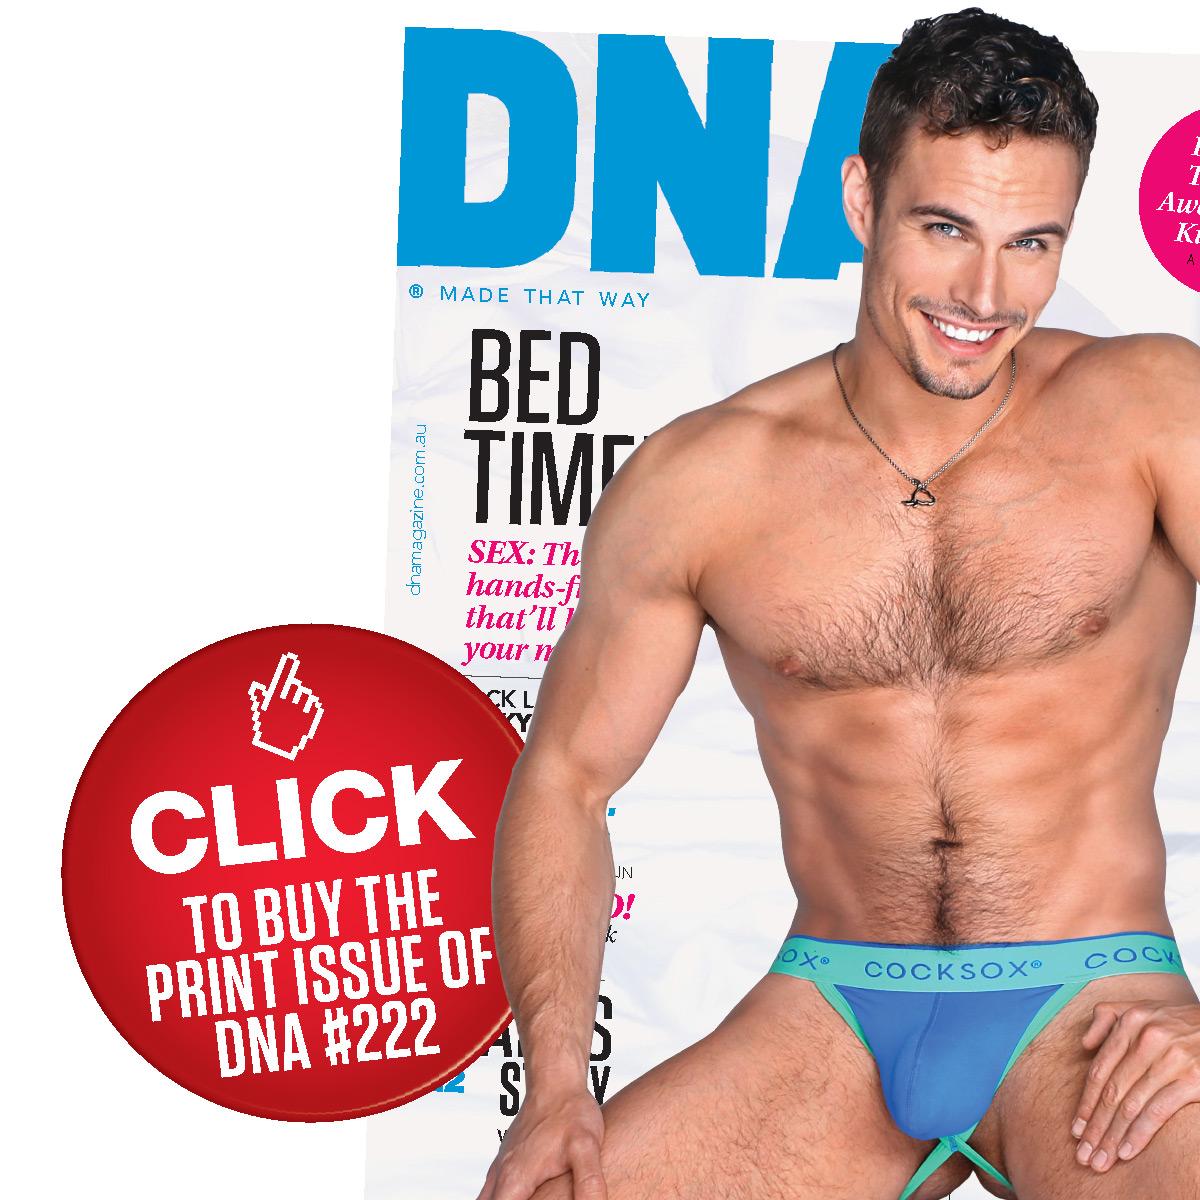 DNA222_ShopNowSquarev2